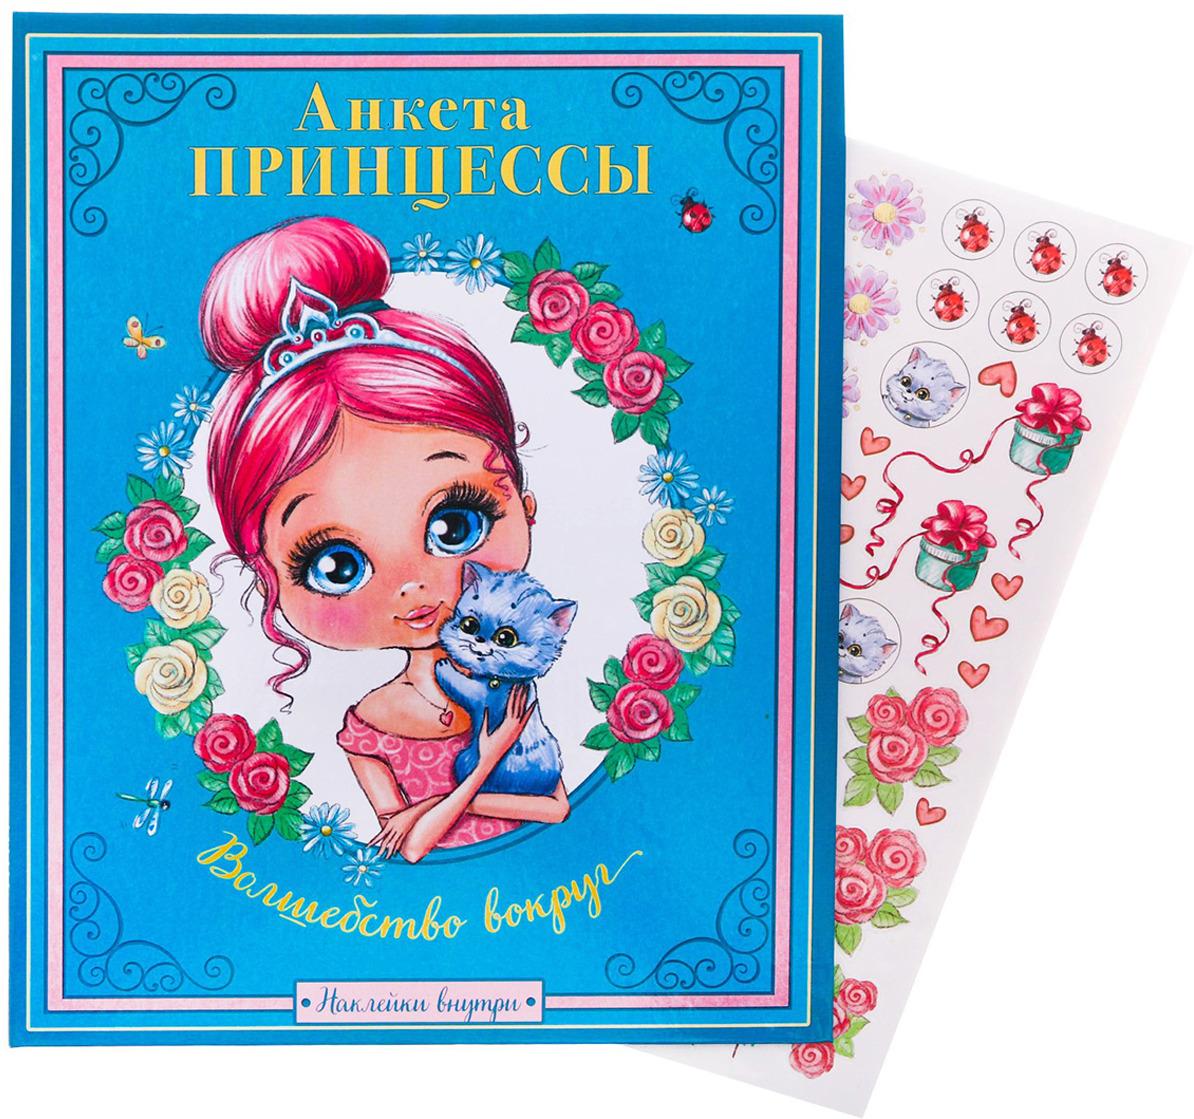 Анкета для девочки Анкета принцессы, 1972629, с наклейкой, голубой, 30 листов sima land анкета для девочек крутая анкета для крутых девчонок недатированная 16 листов